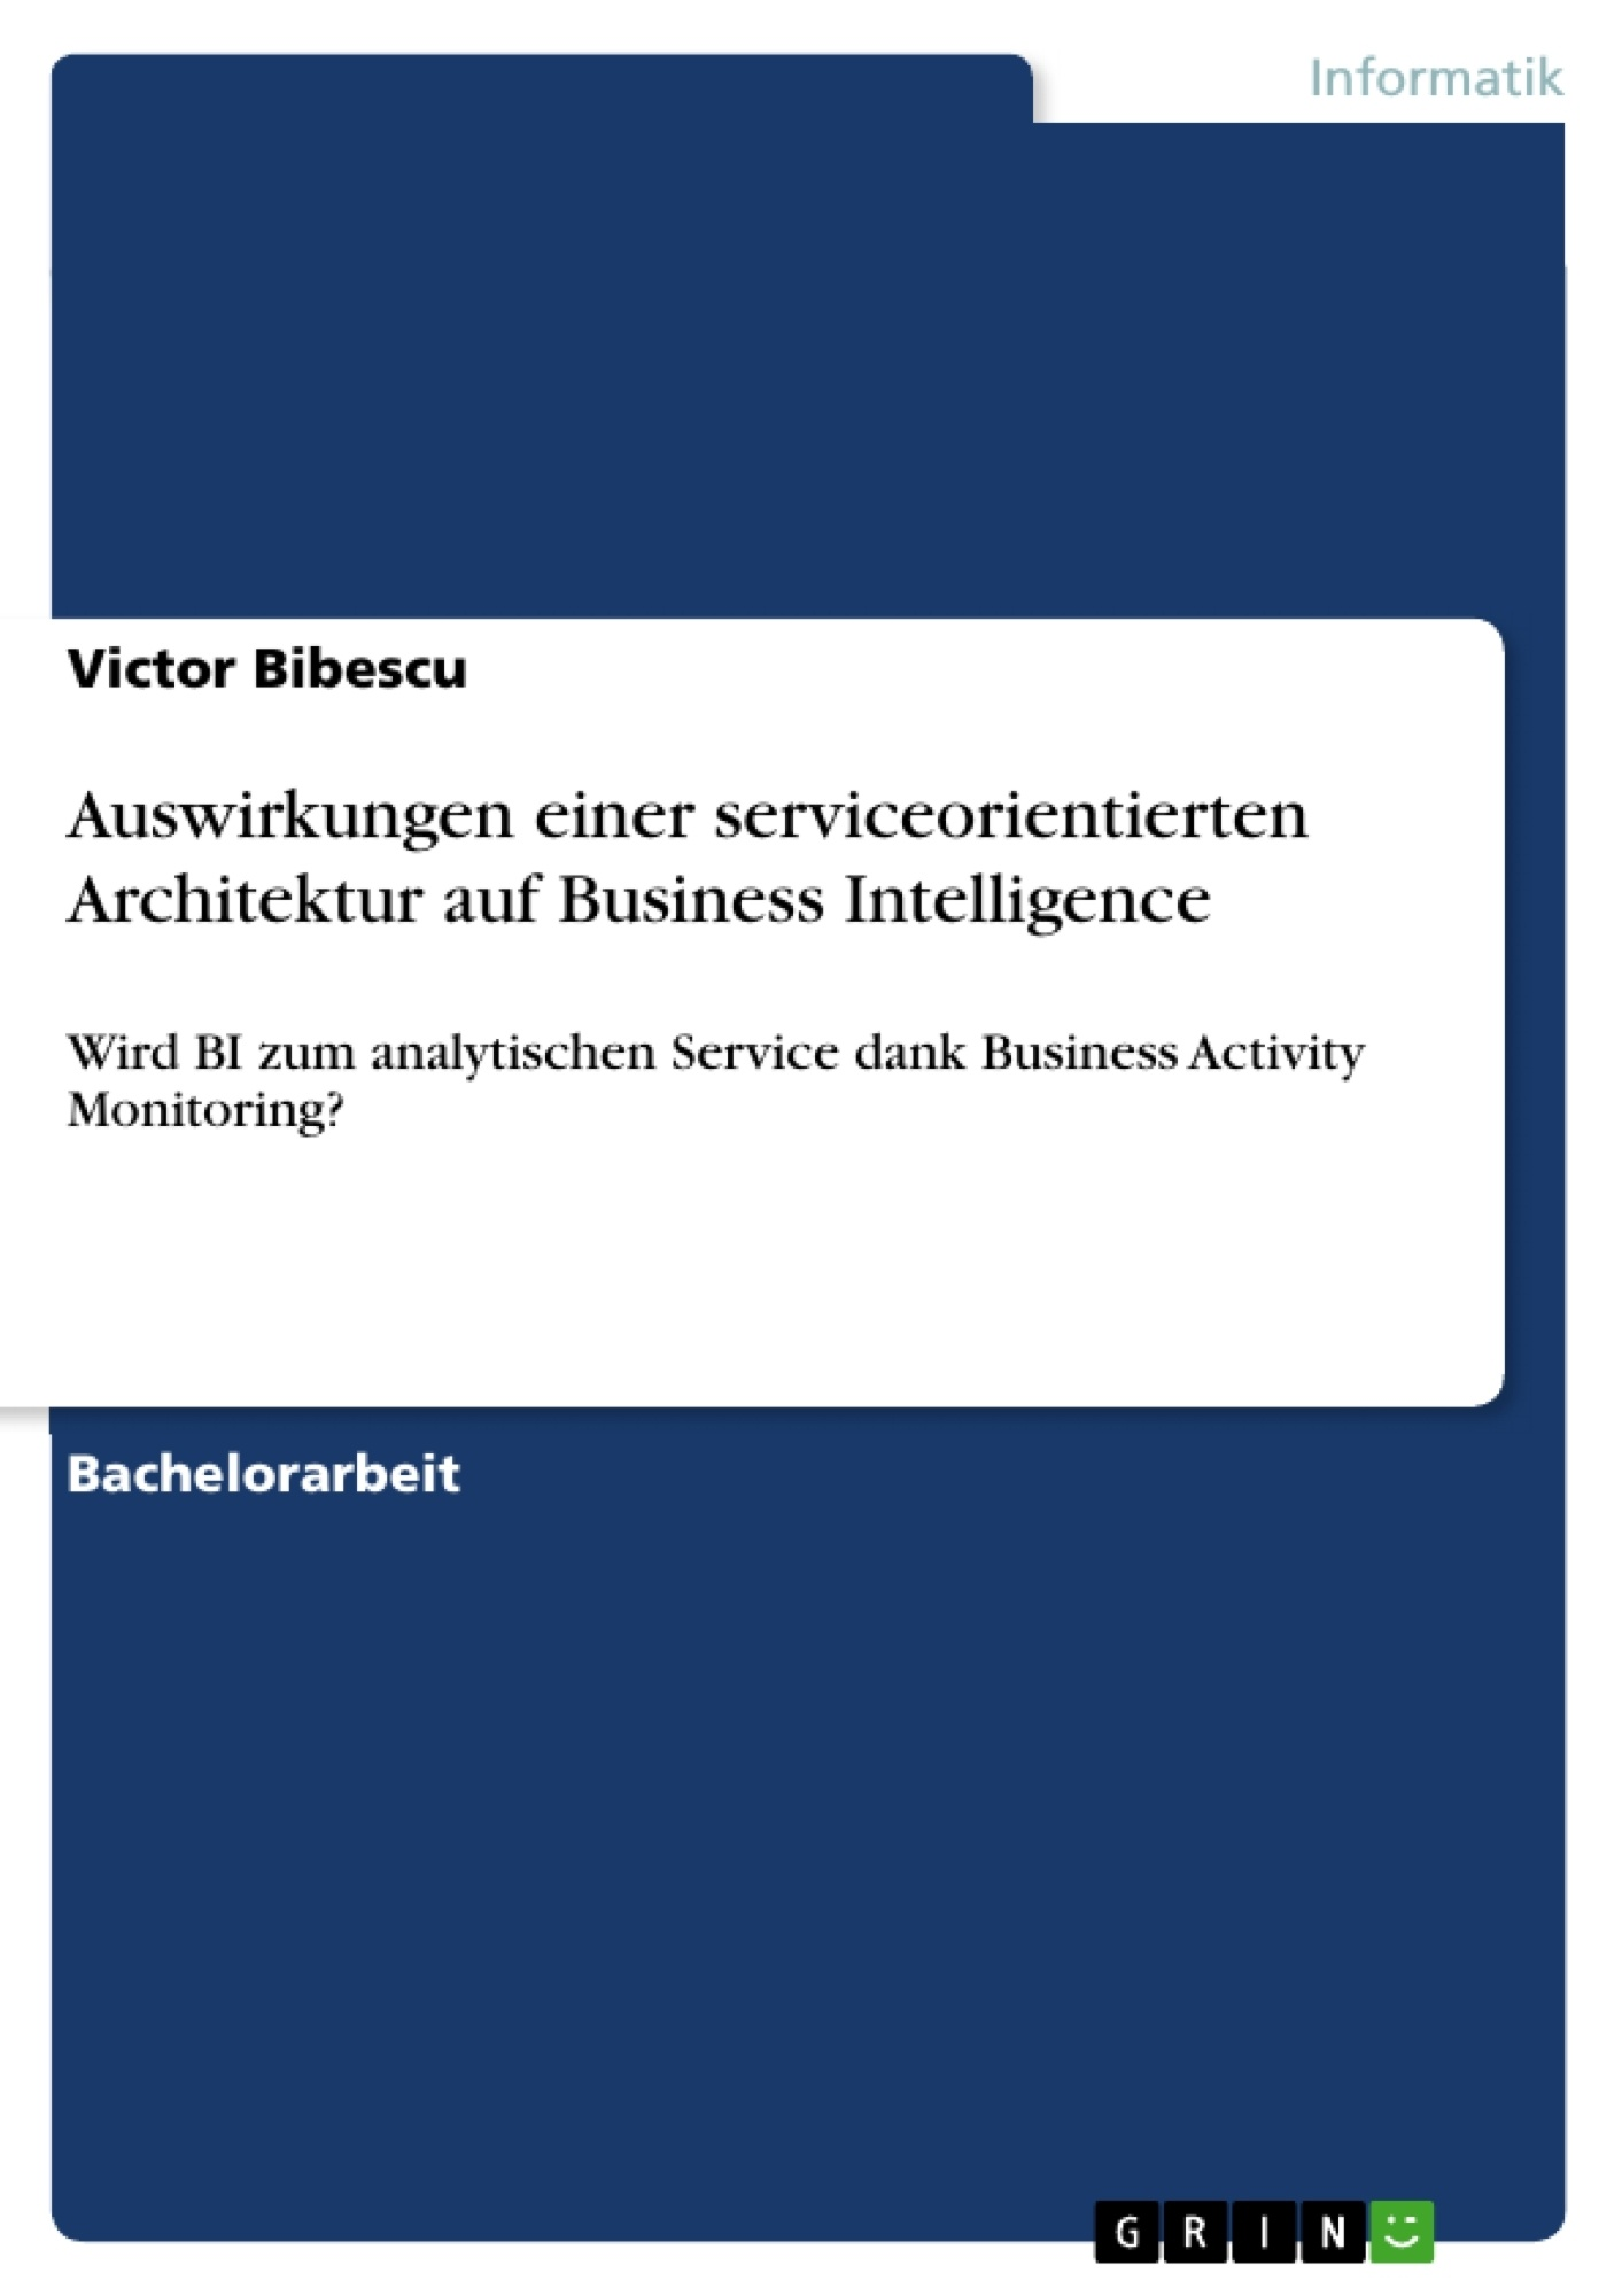 Titel: Auswirkungen einer serviceorientierten Architektur auf Business Intelligence